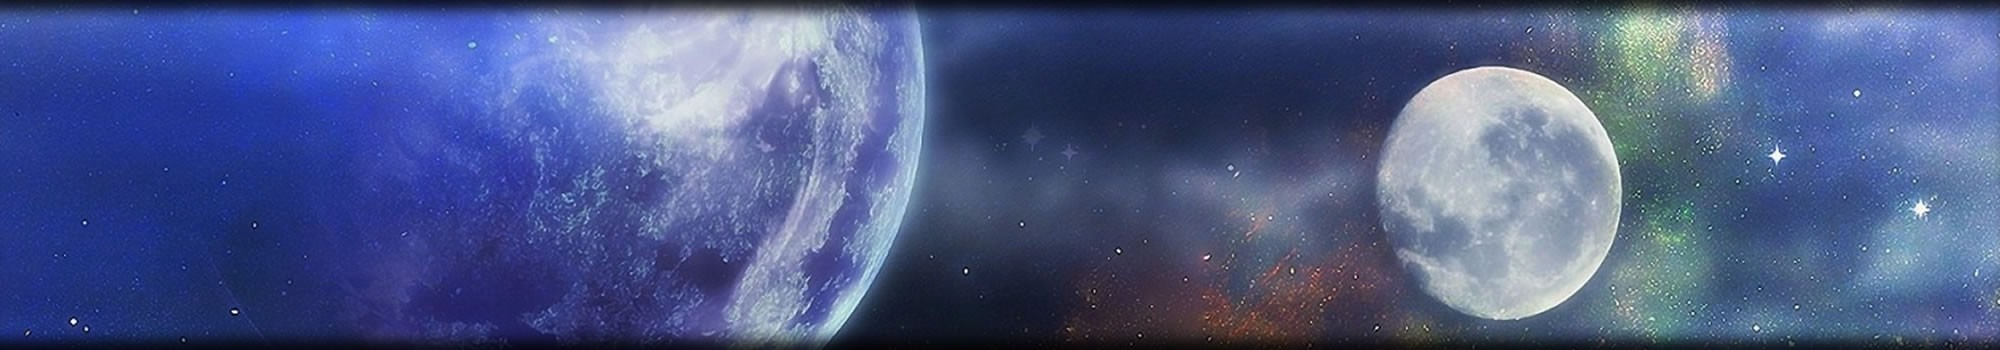 Izrada horoskopa - Aleksandra Arizanović